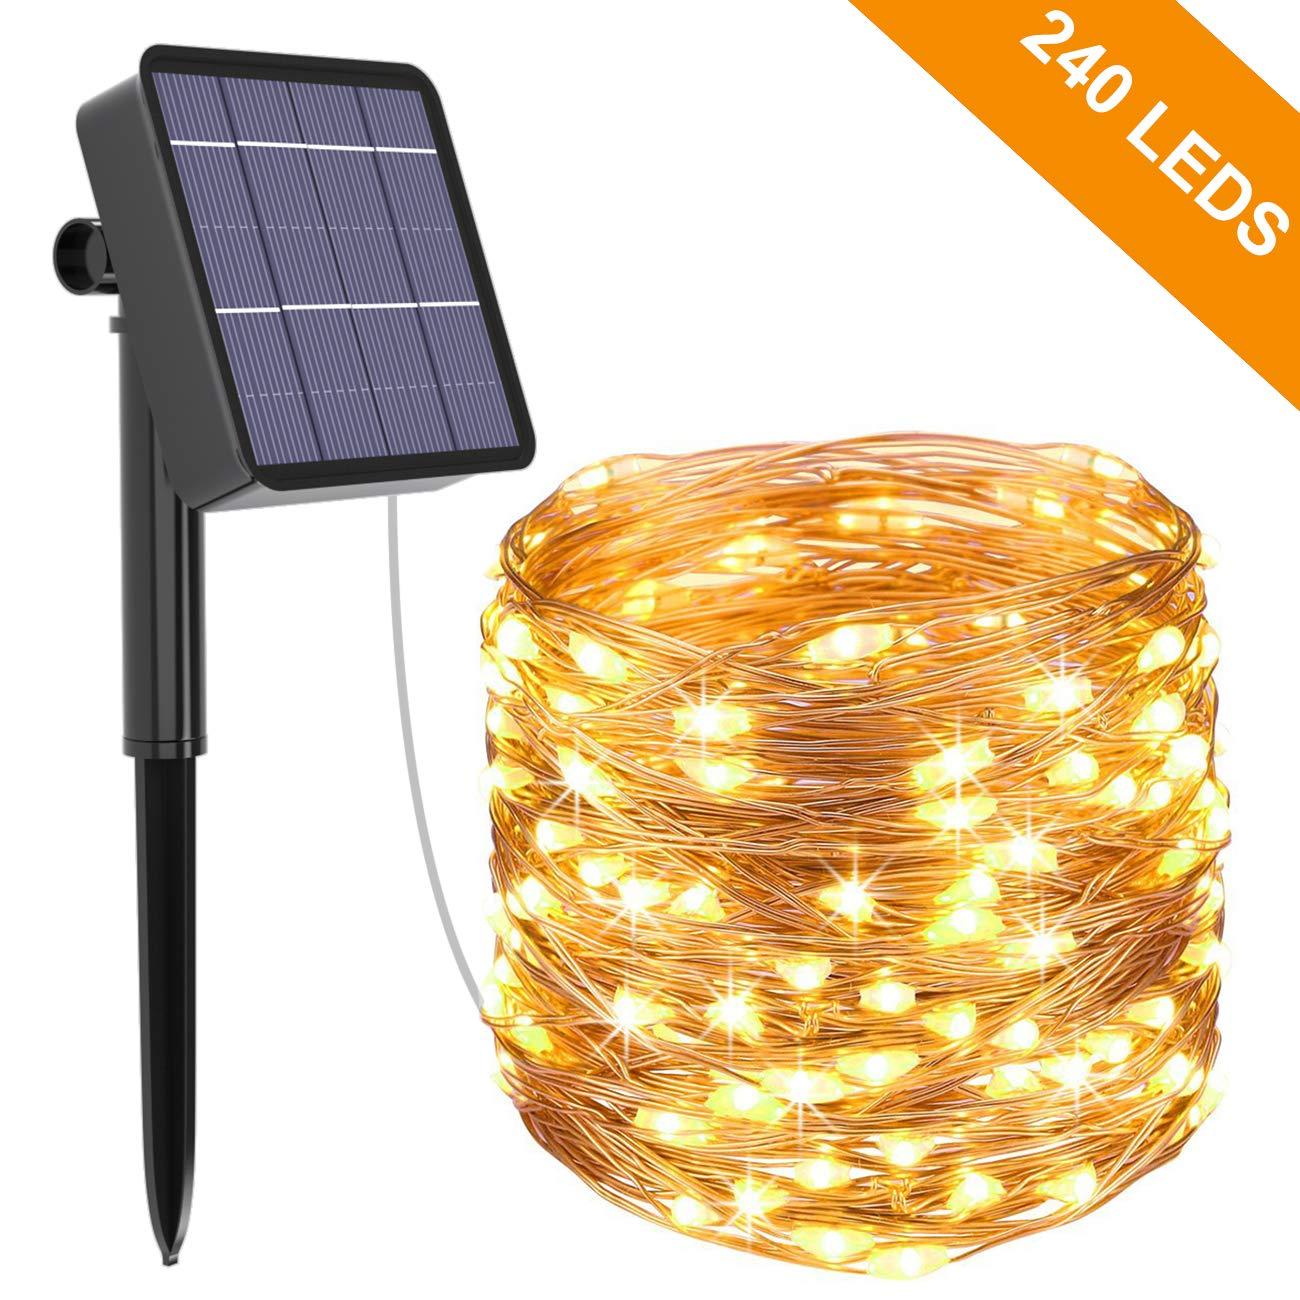 ISOTRONIC LED Solarleuchte Außenleuchte 6er Set